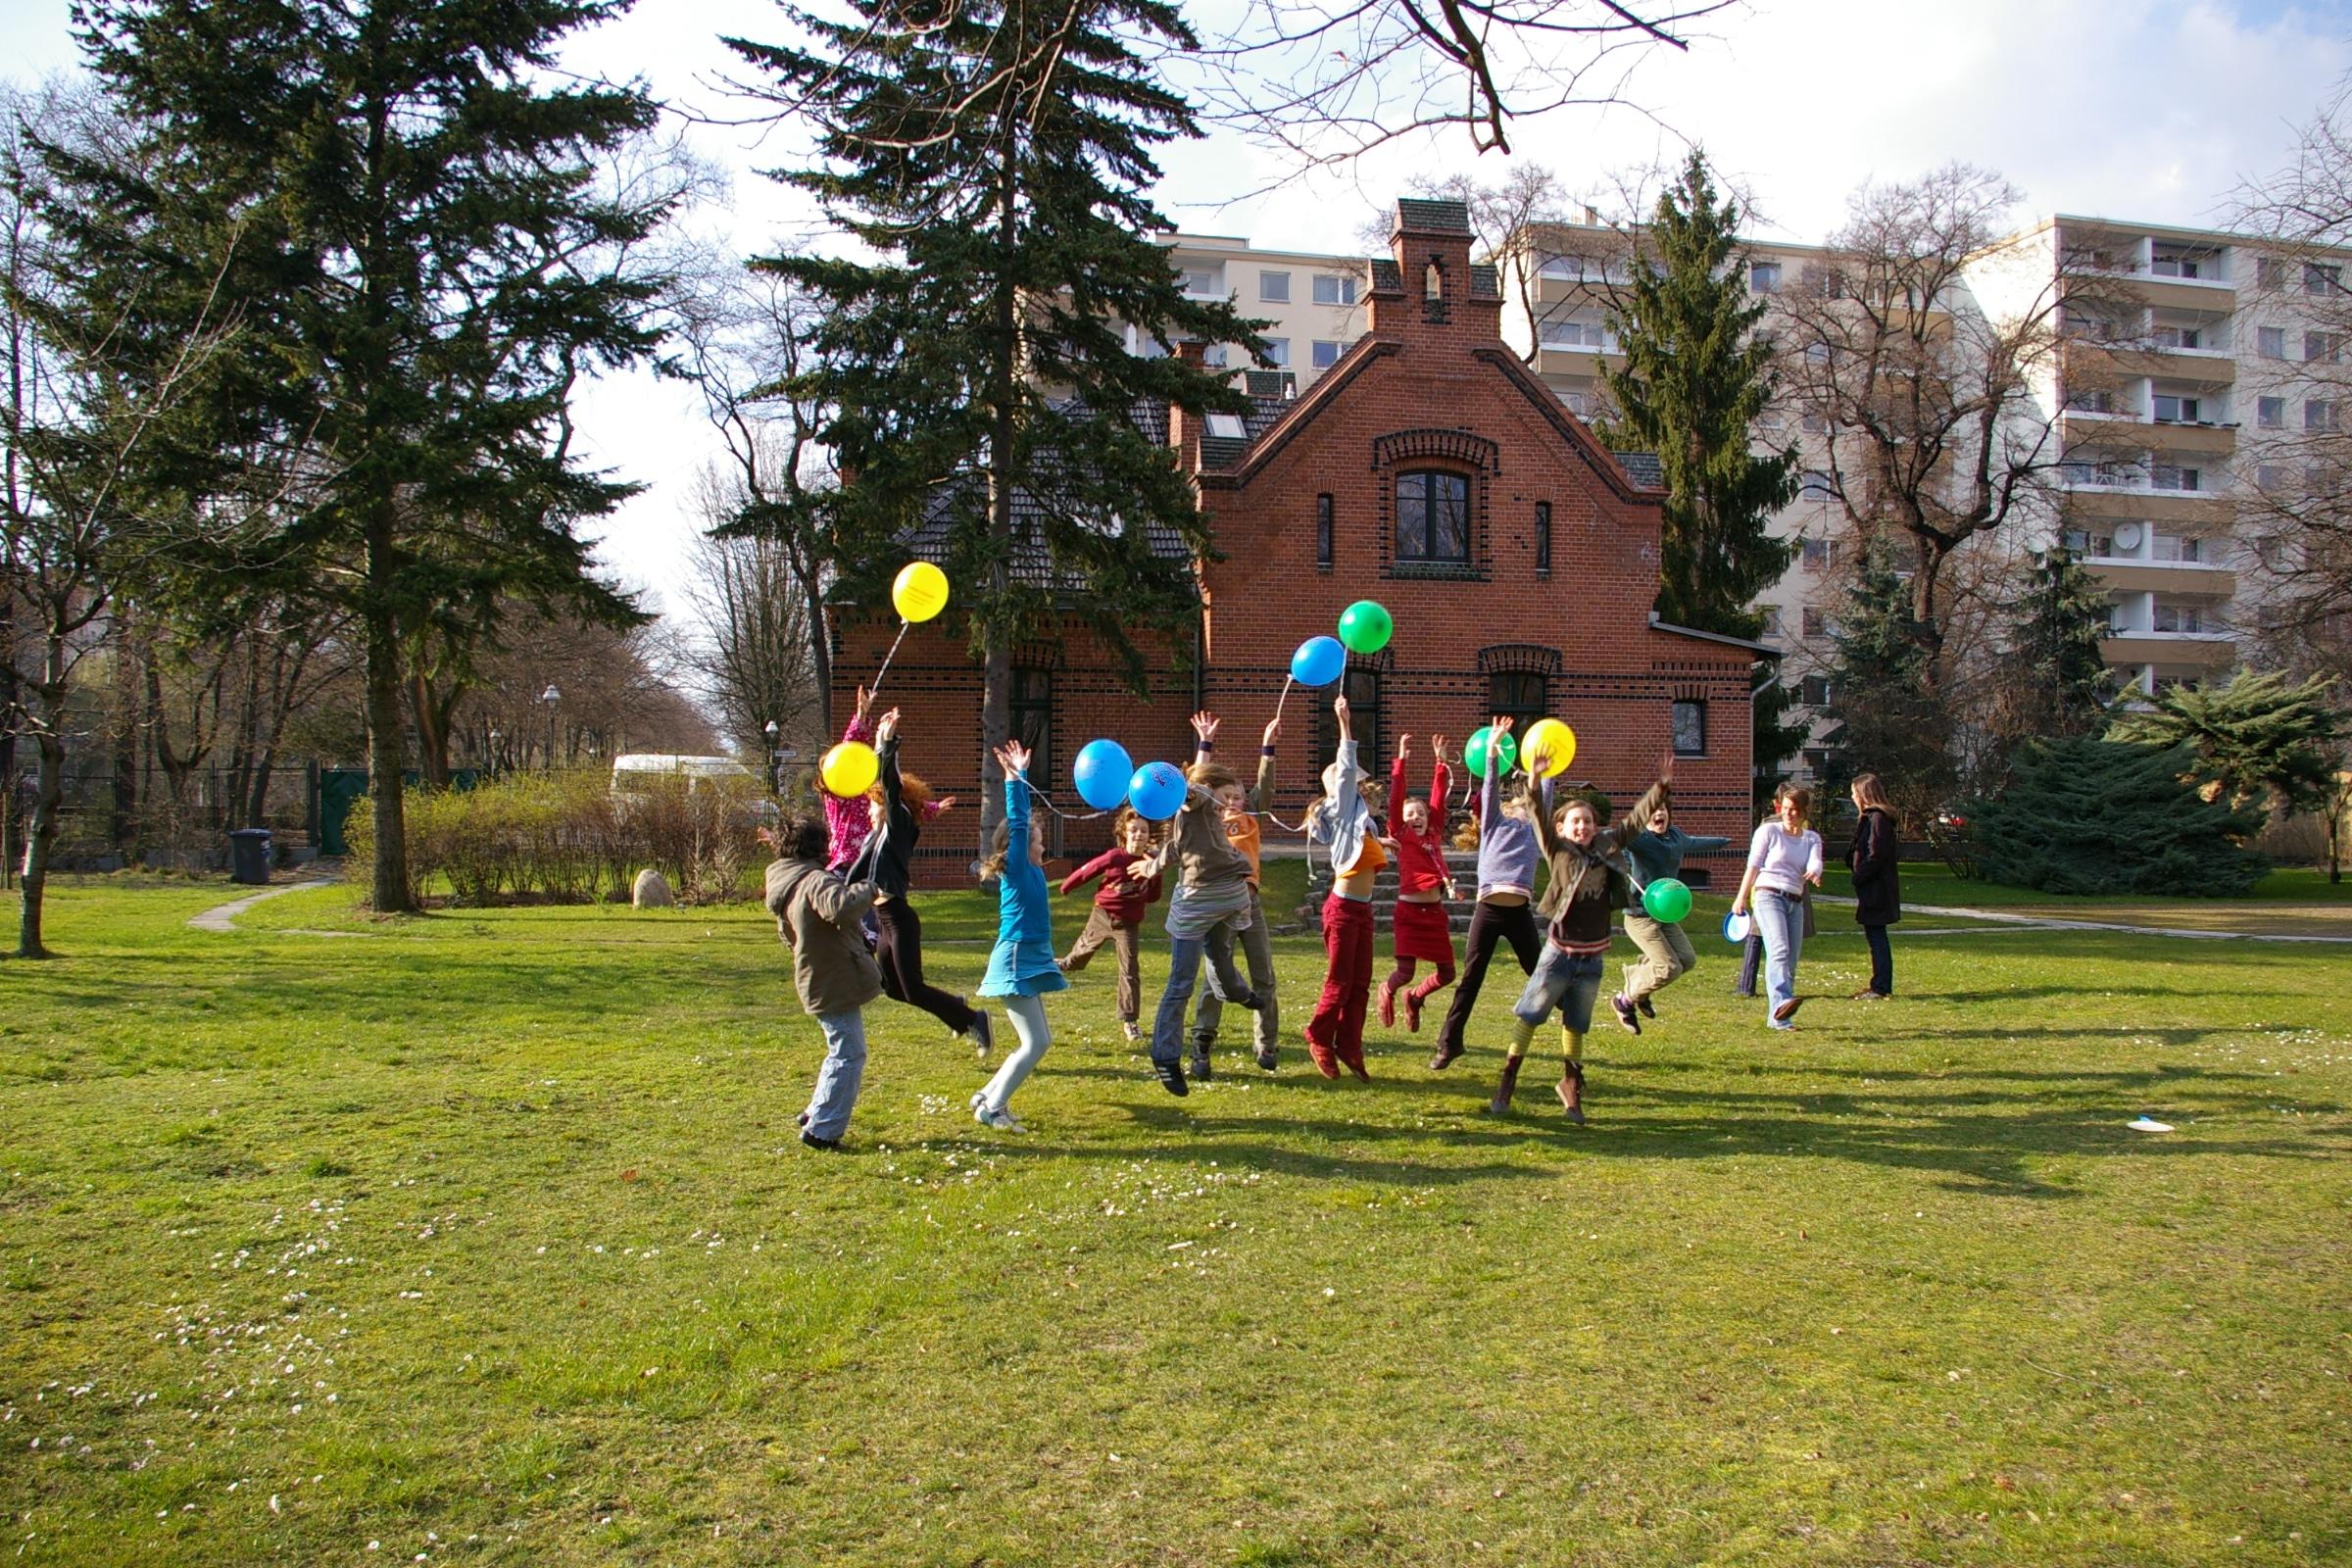 Kinder mit Luftballons im Stiftungsgarten